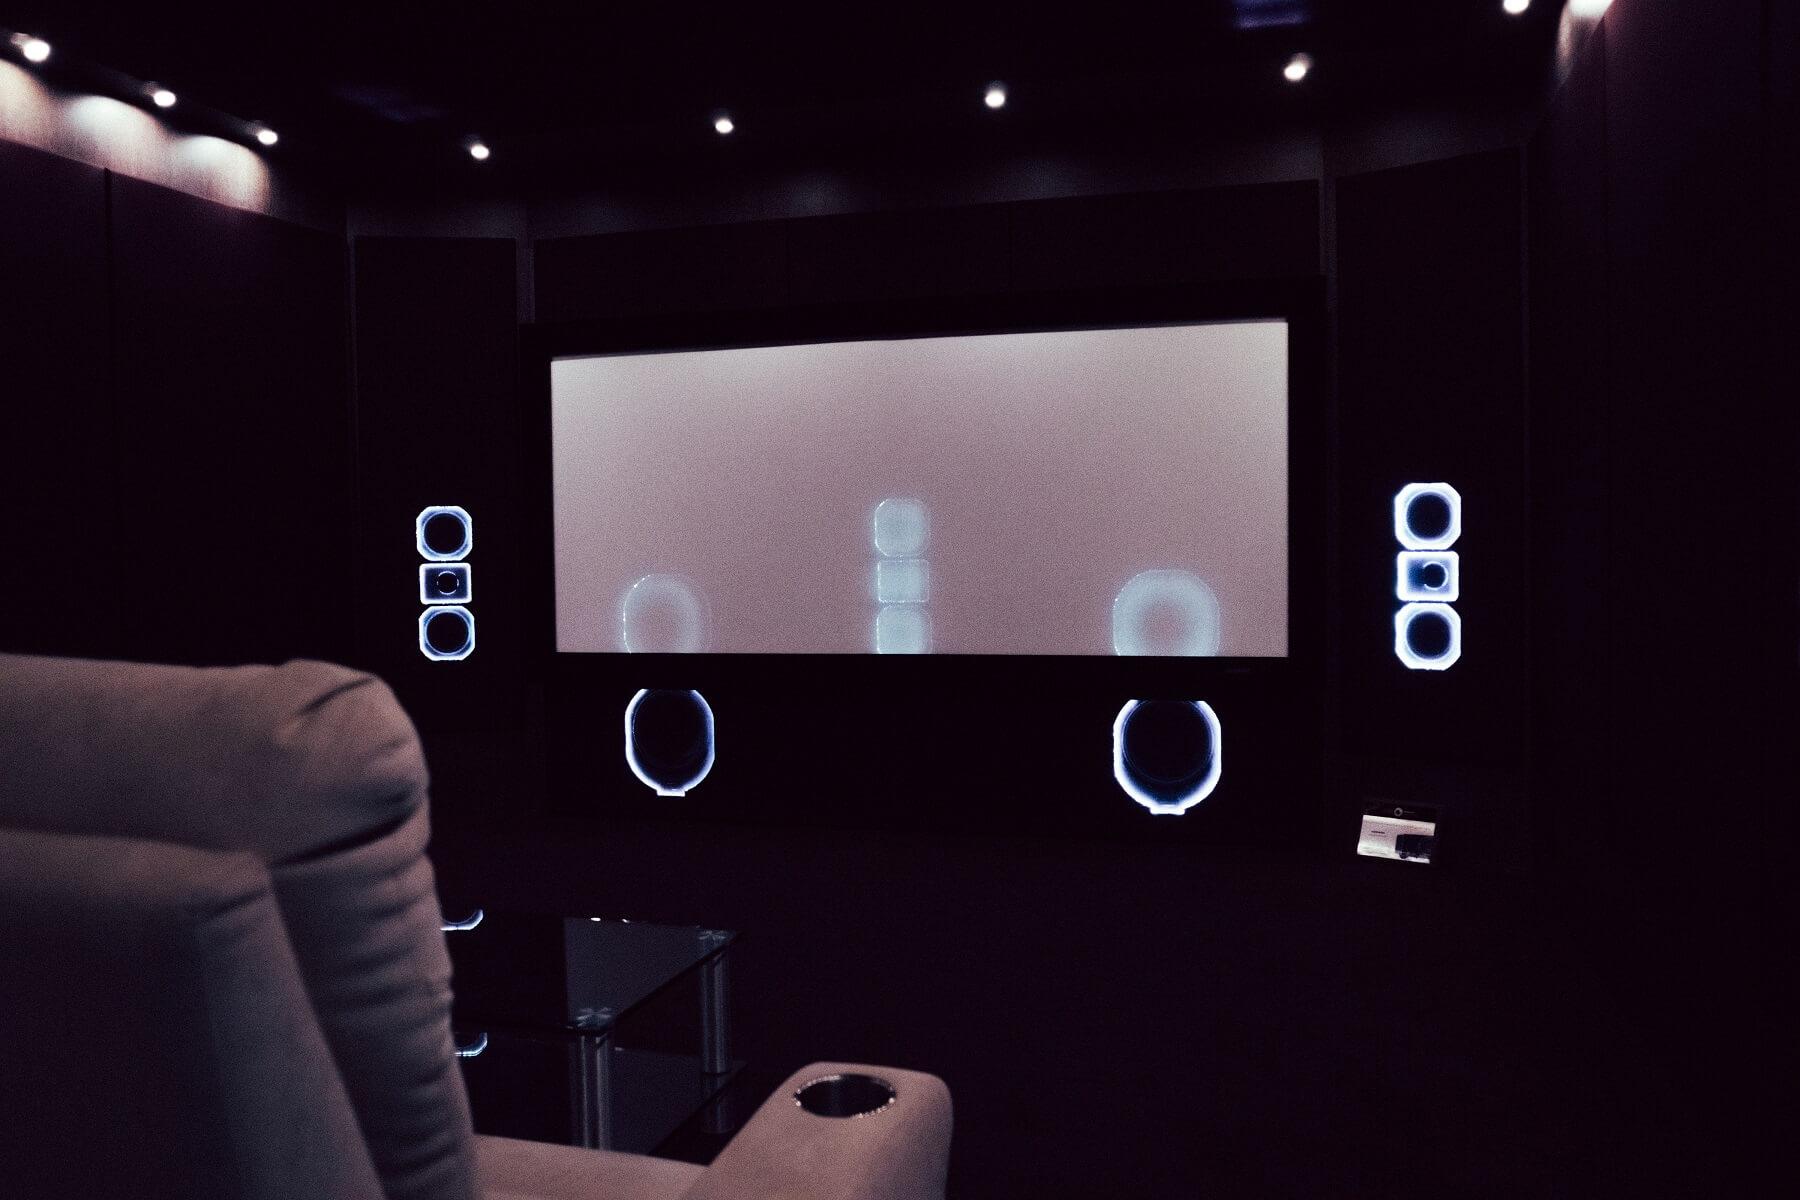 Дайджест: 10 материалов об экранах и проекторах для домашнего кинотеатра - 1